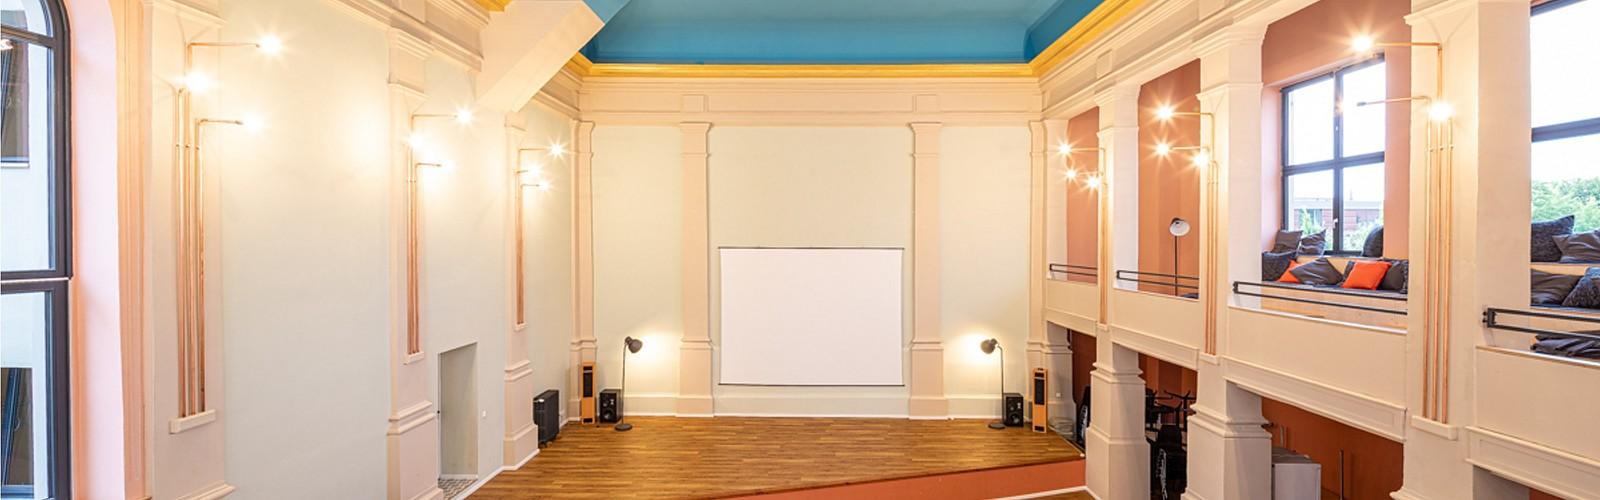 Saal mit Bühne, Foto: Raumquartier